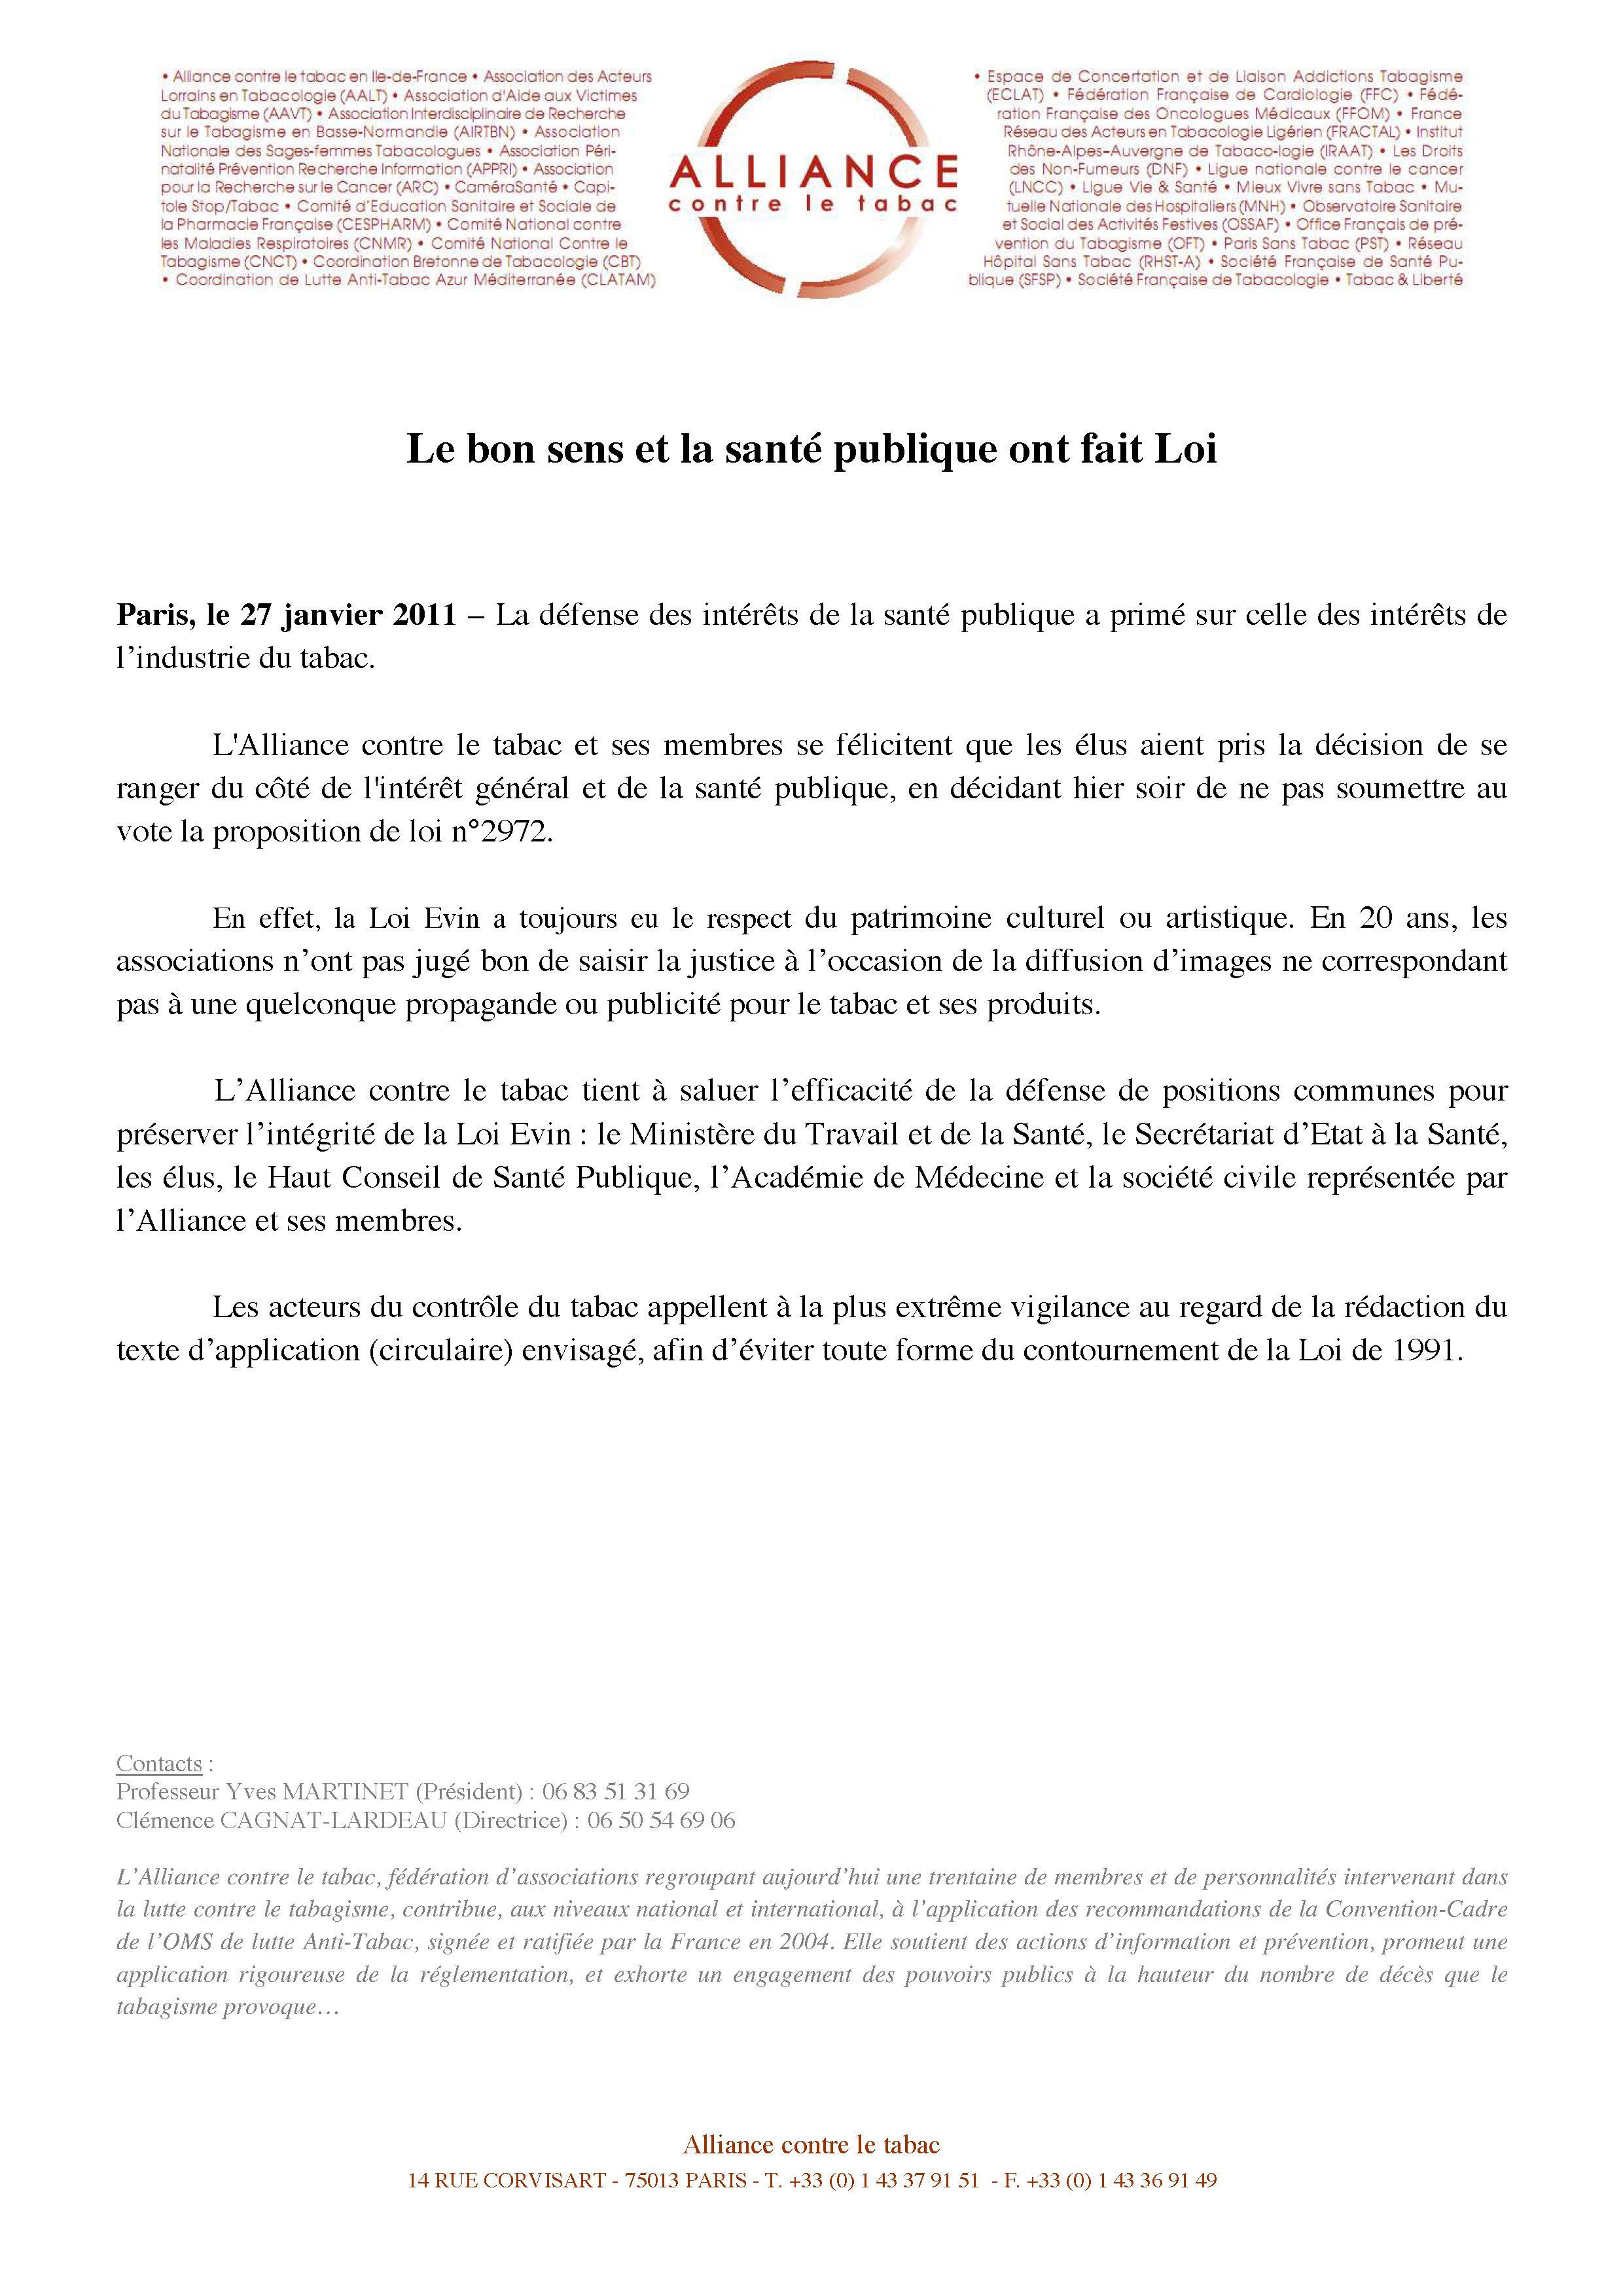 Alliance-CP_le-bon-sens-et-la-sp-ont-fait-loi-27jan2011.jpg